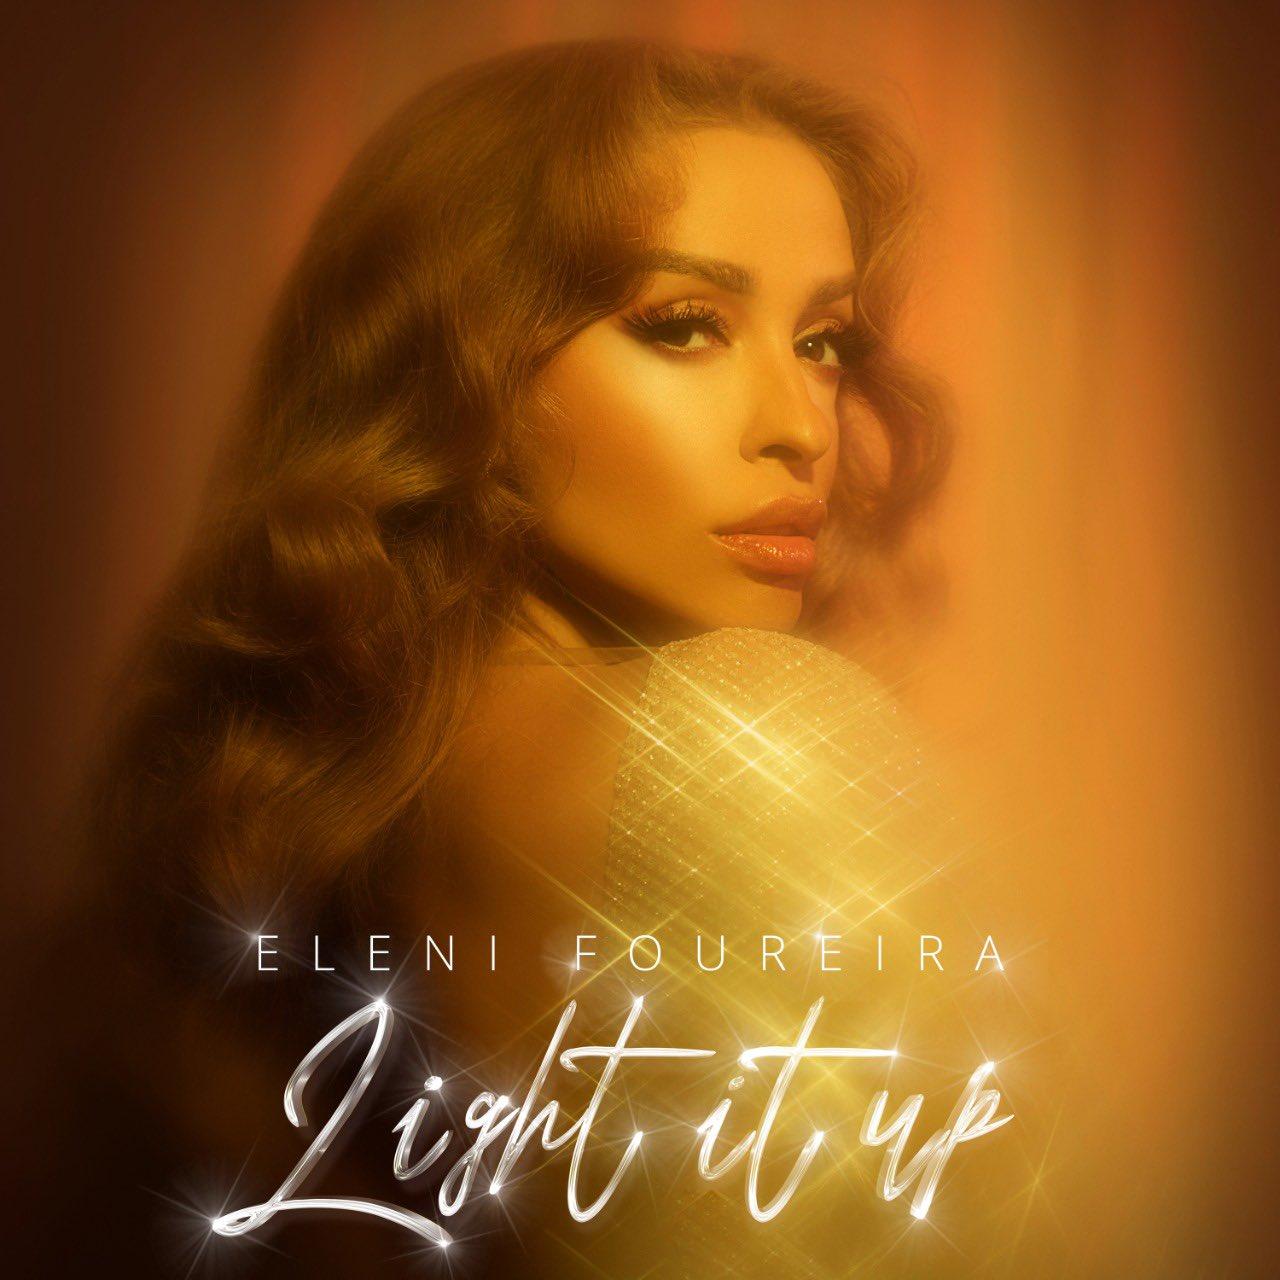 """Eleni Foureira >> EP """"Light It Up"""" - Página 12 EkxV-hiXEAYs_QQ?format=jpg&name=large"""